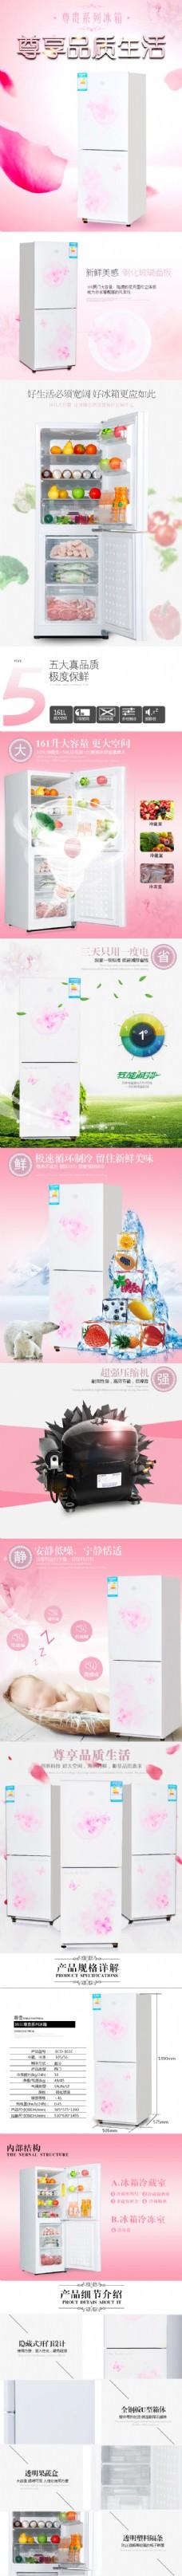 冰箱 详情页